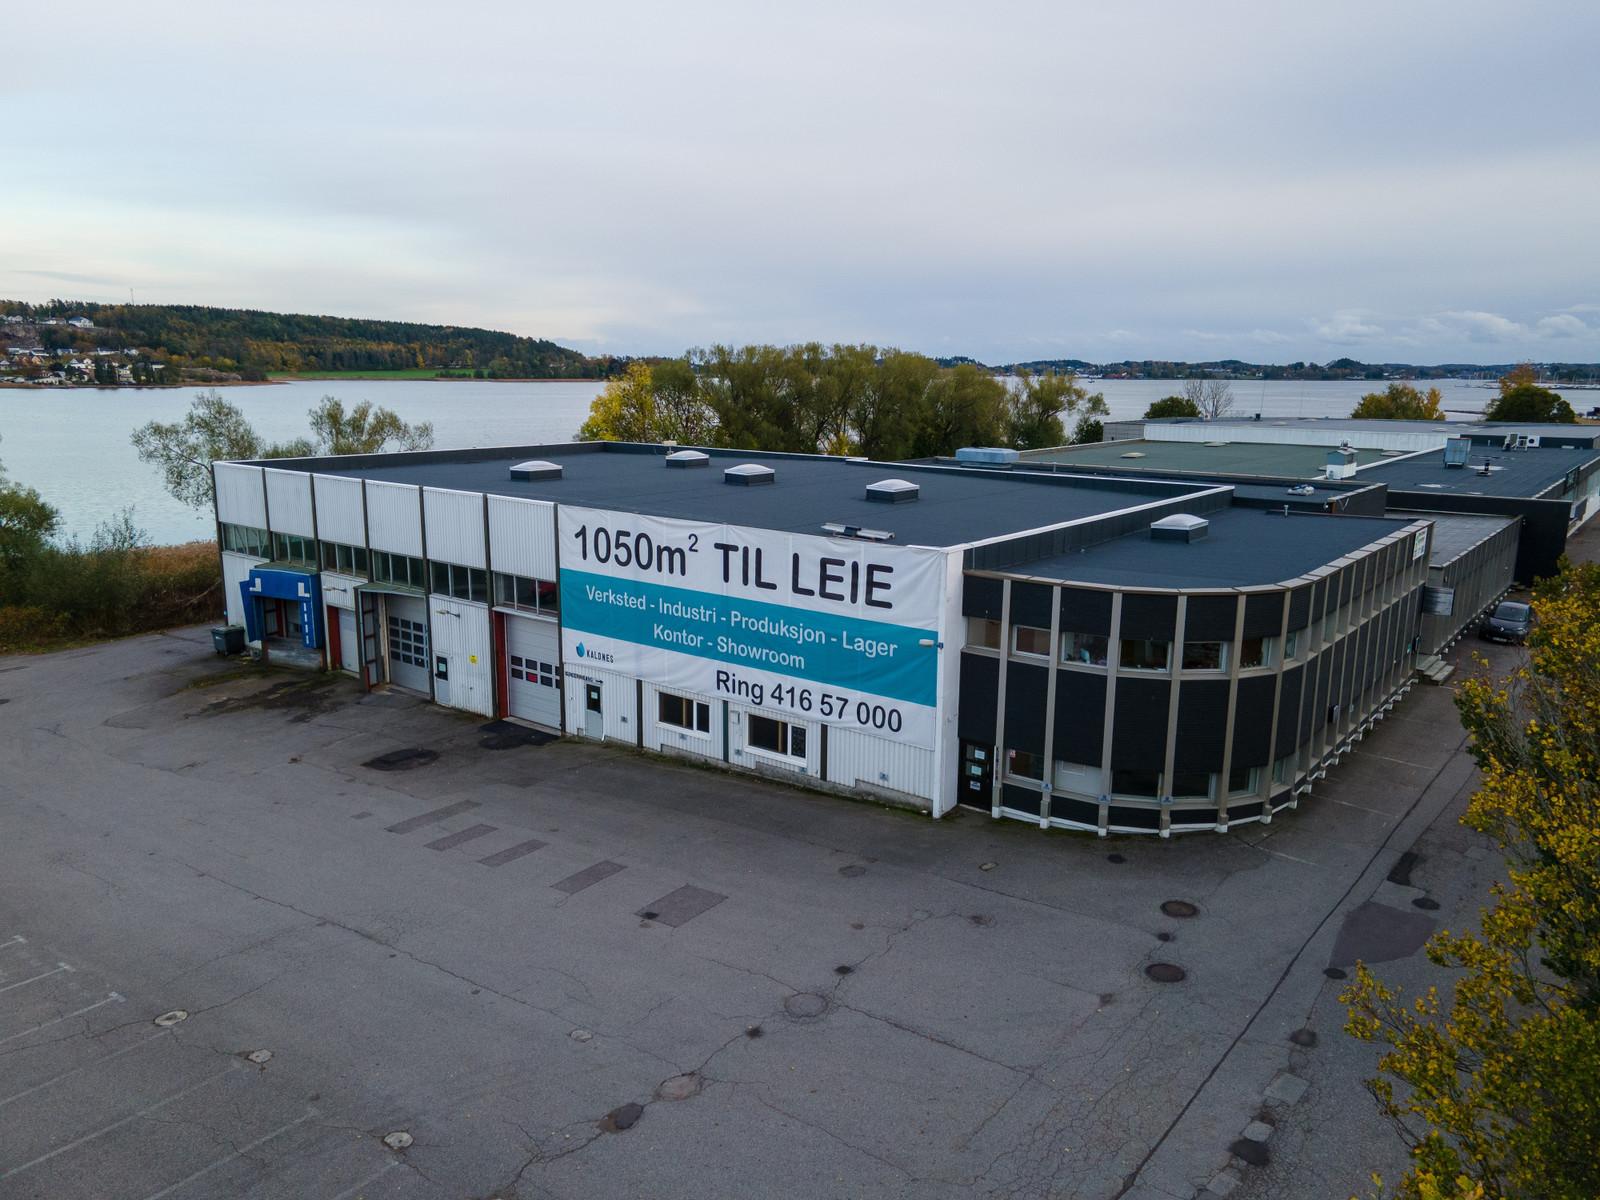 Bilde fra finn.no